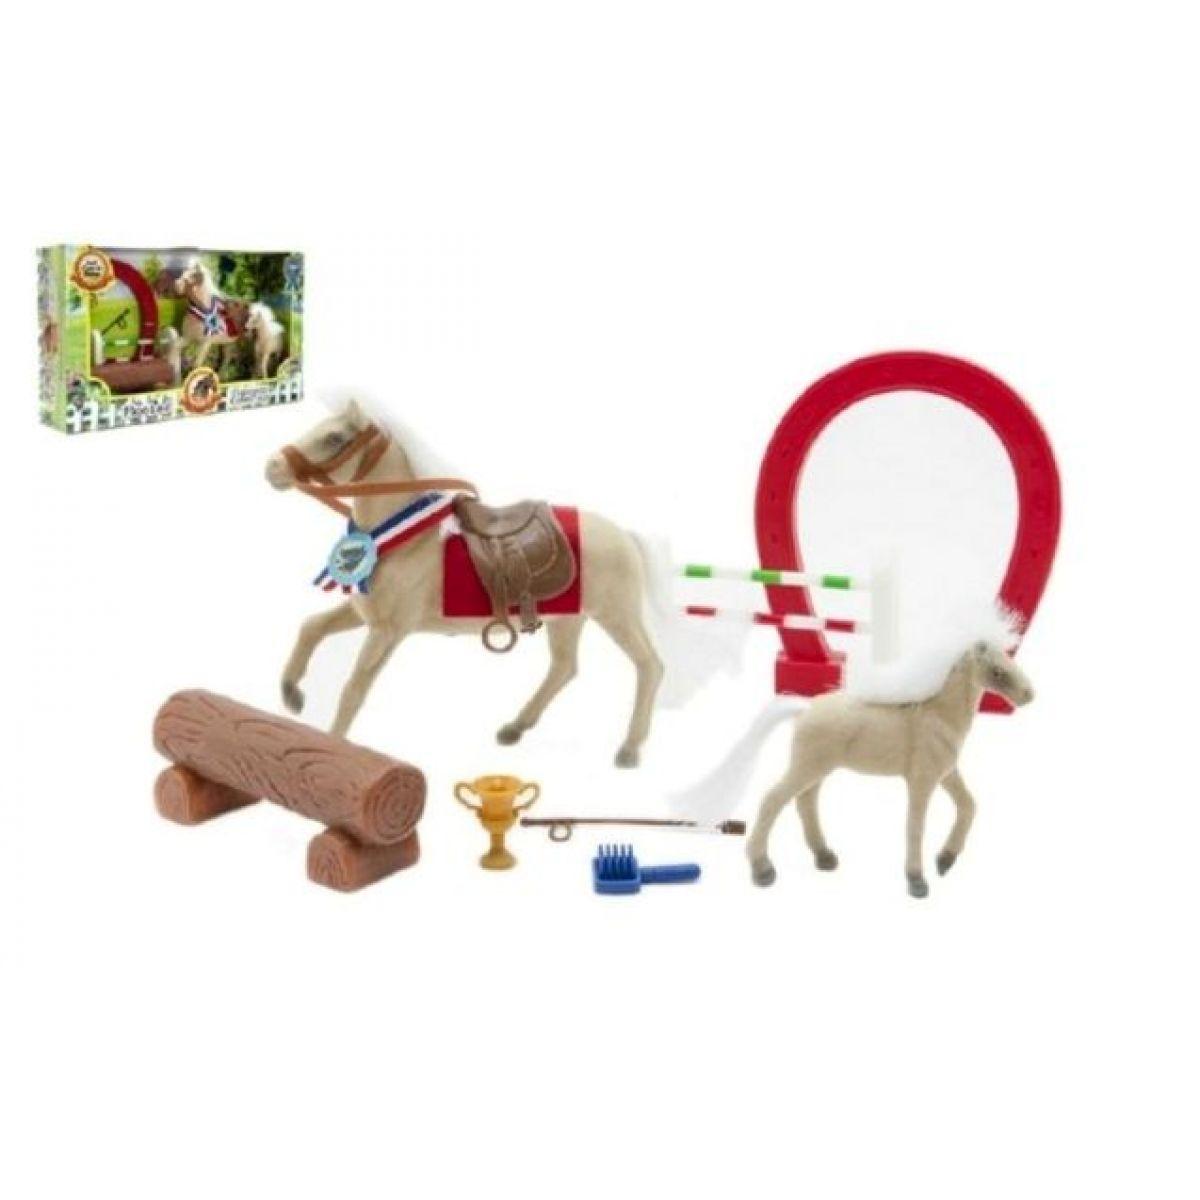 Teddies Kůň fliška s hříbětem a doplňky v krabici 36x21x8 cm